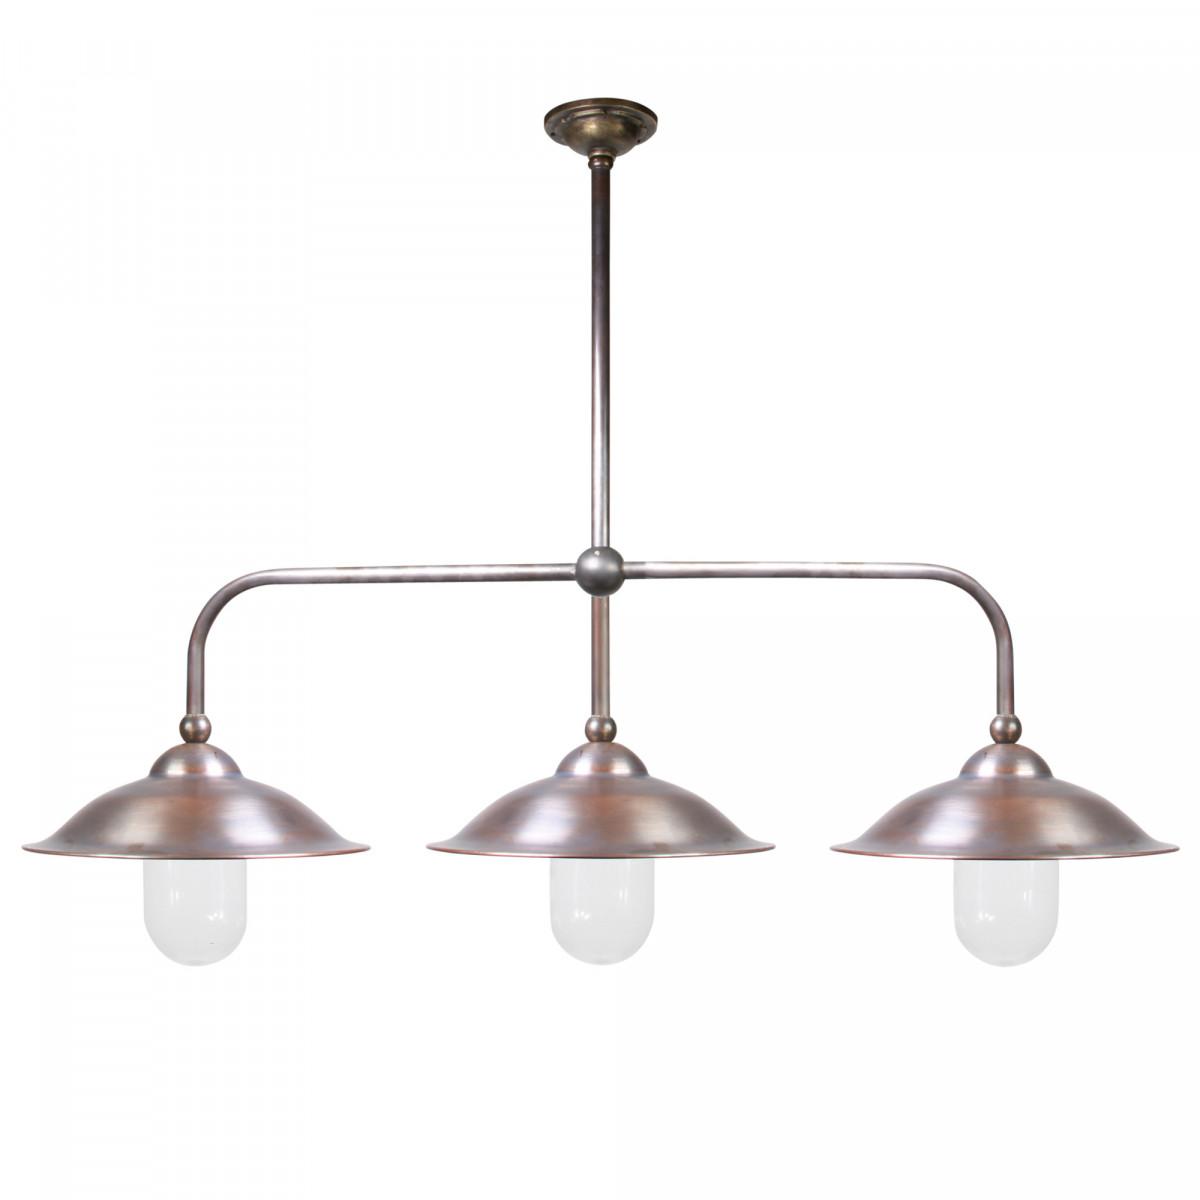 Stallamp Vienna Plafond 3 Lichts (1253) - KS Verlichting - Lampen aan Ketting